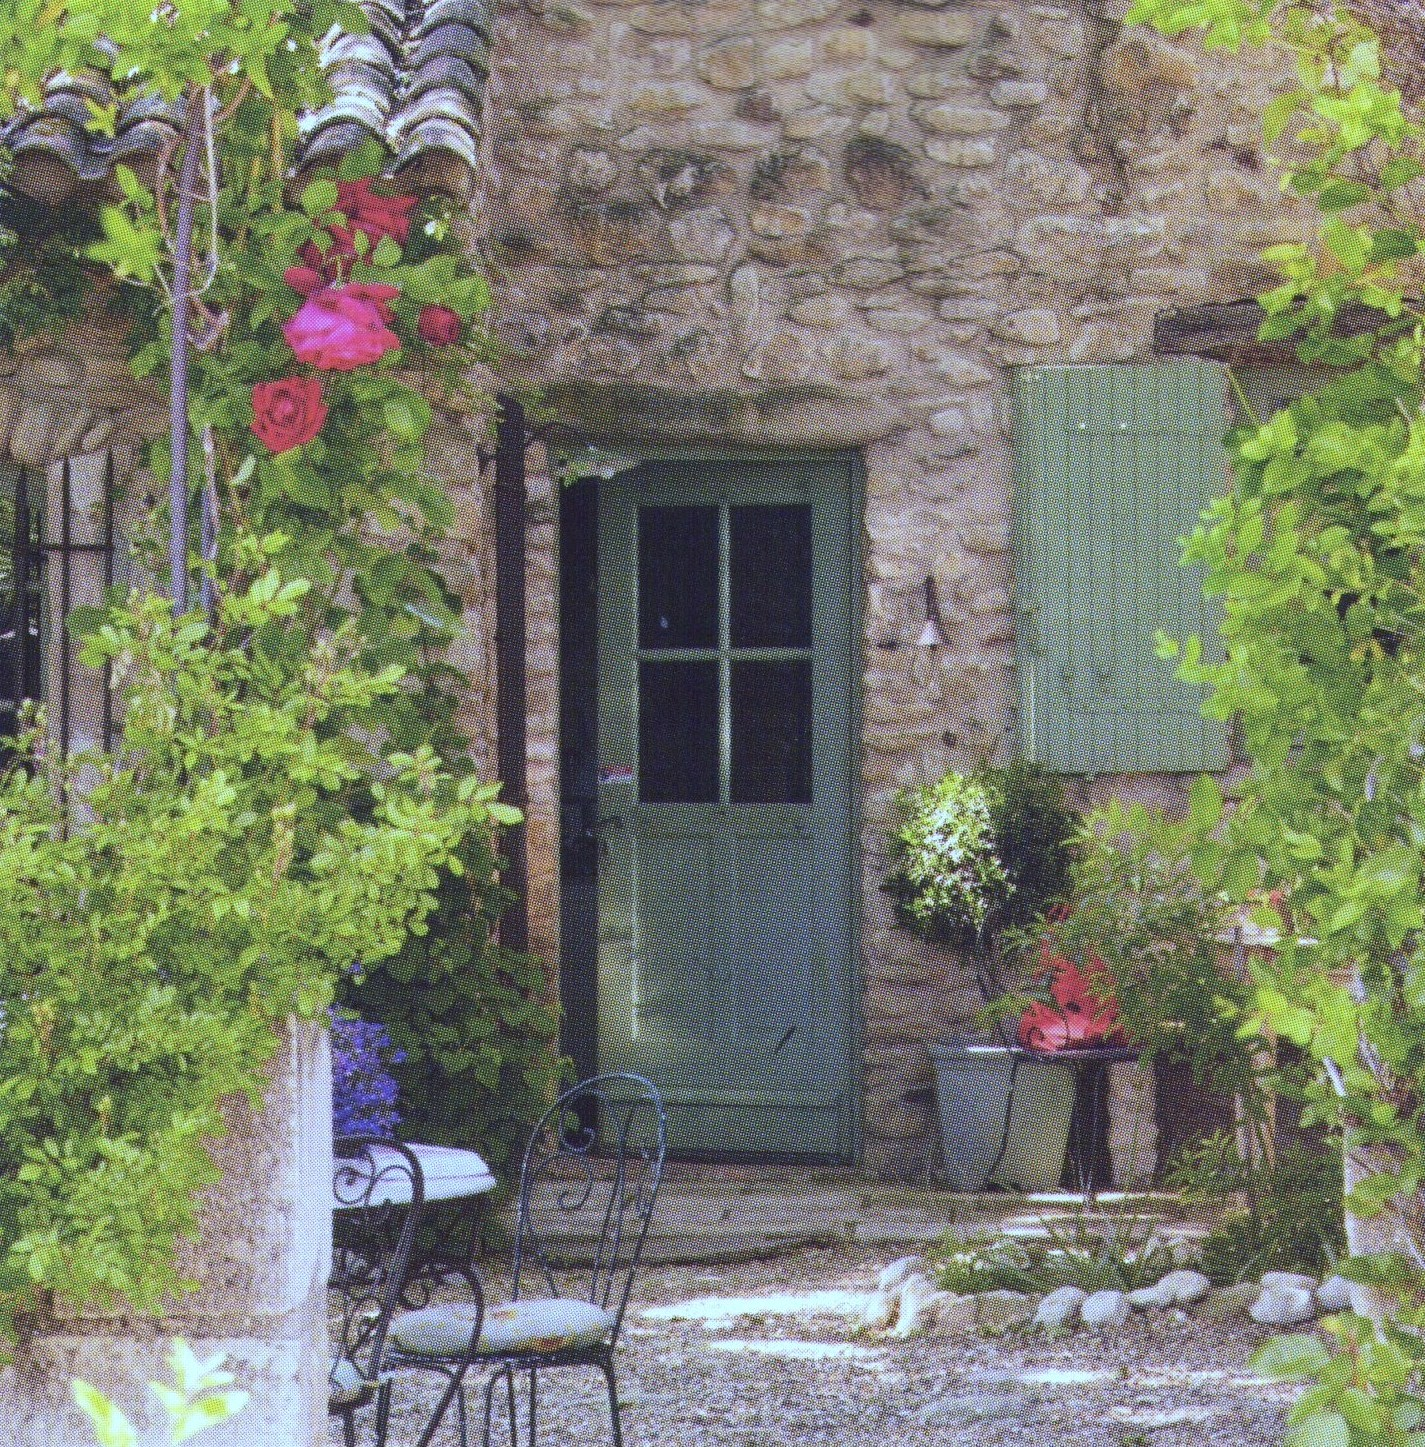 Aires de provenza provence airs desde my ventana - Casas rurales en la provenza ...